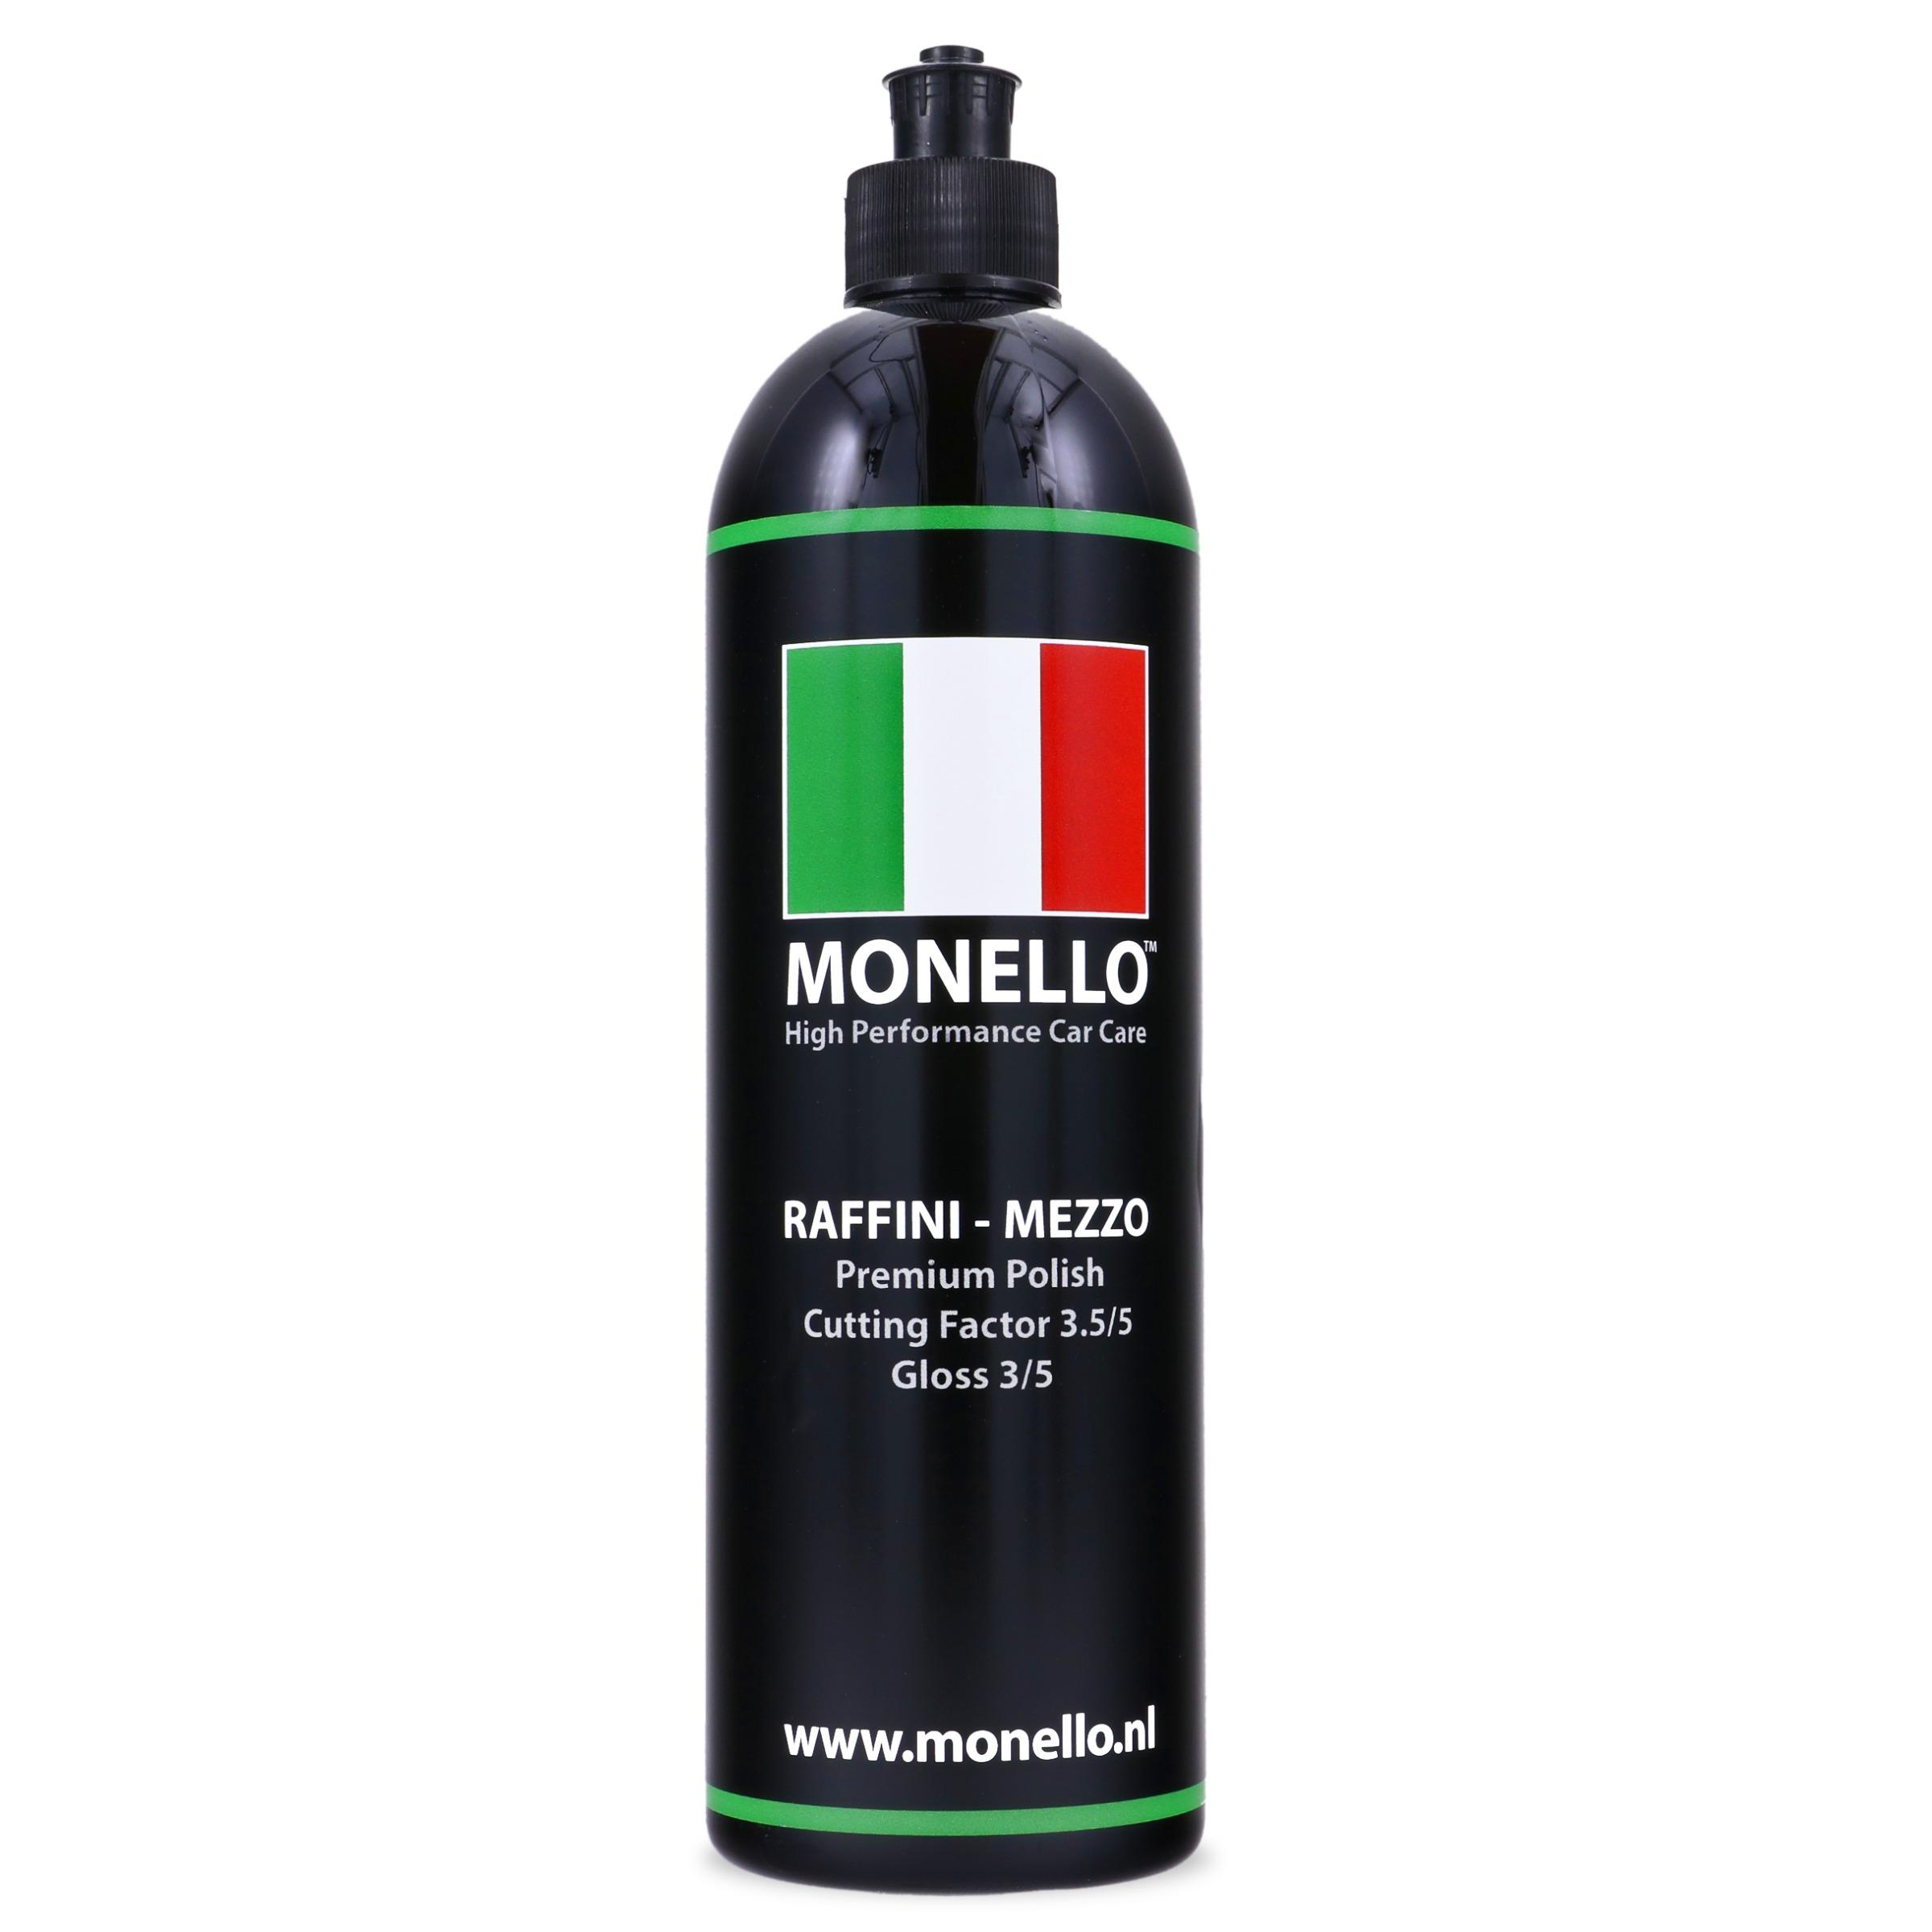 Monello Raffini Mezzo